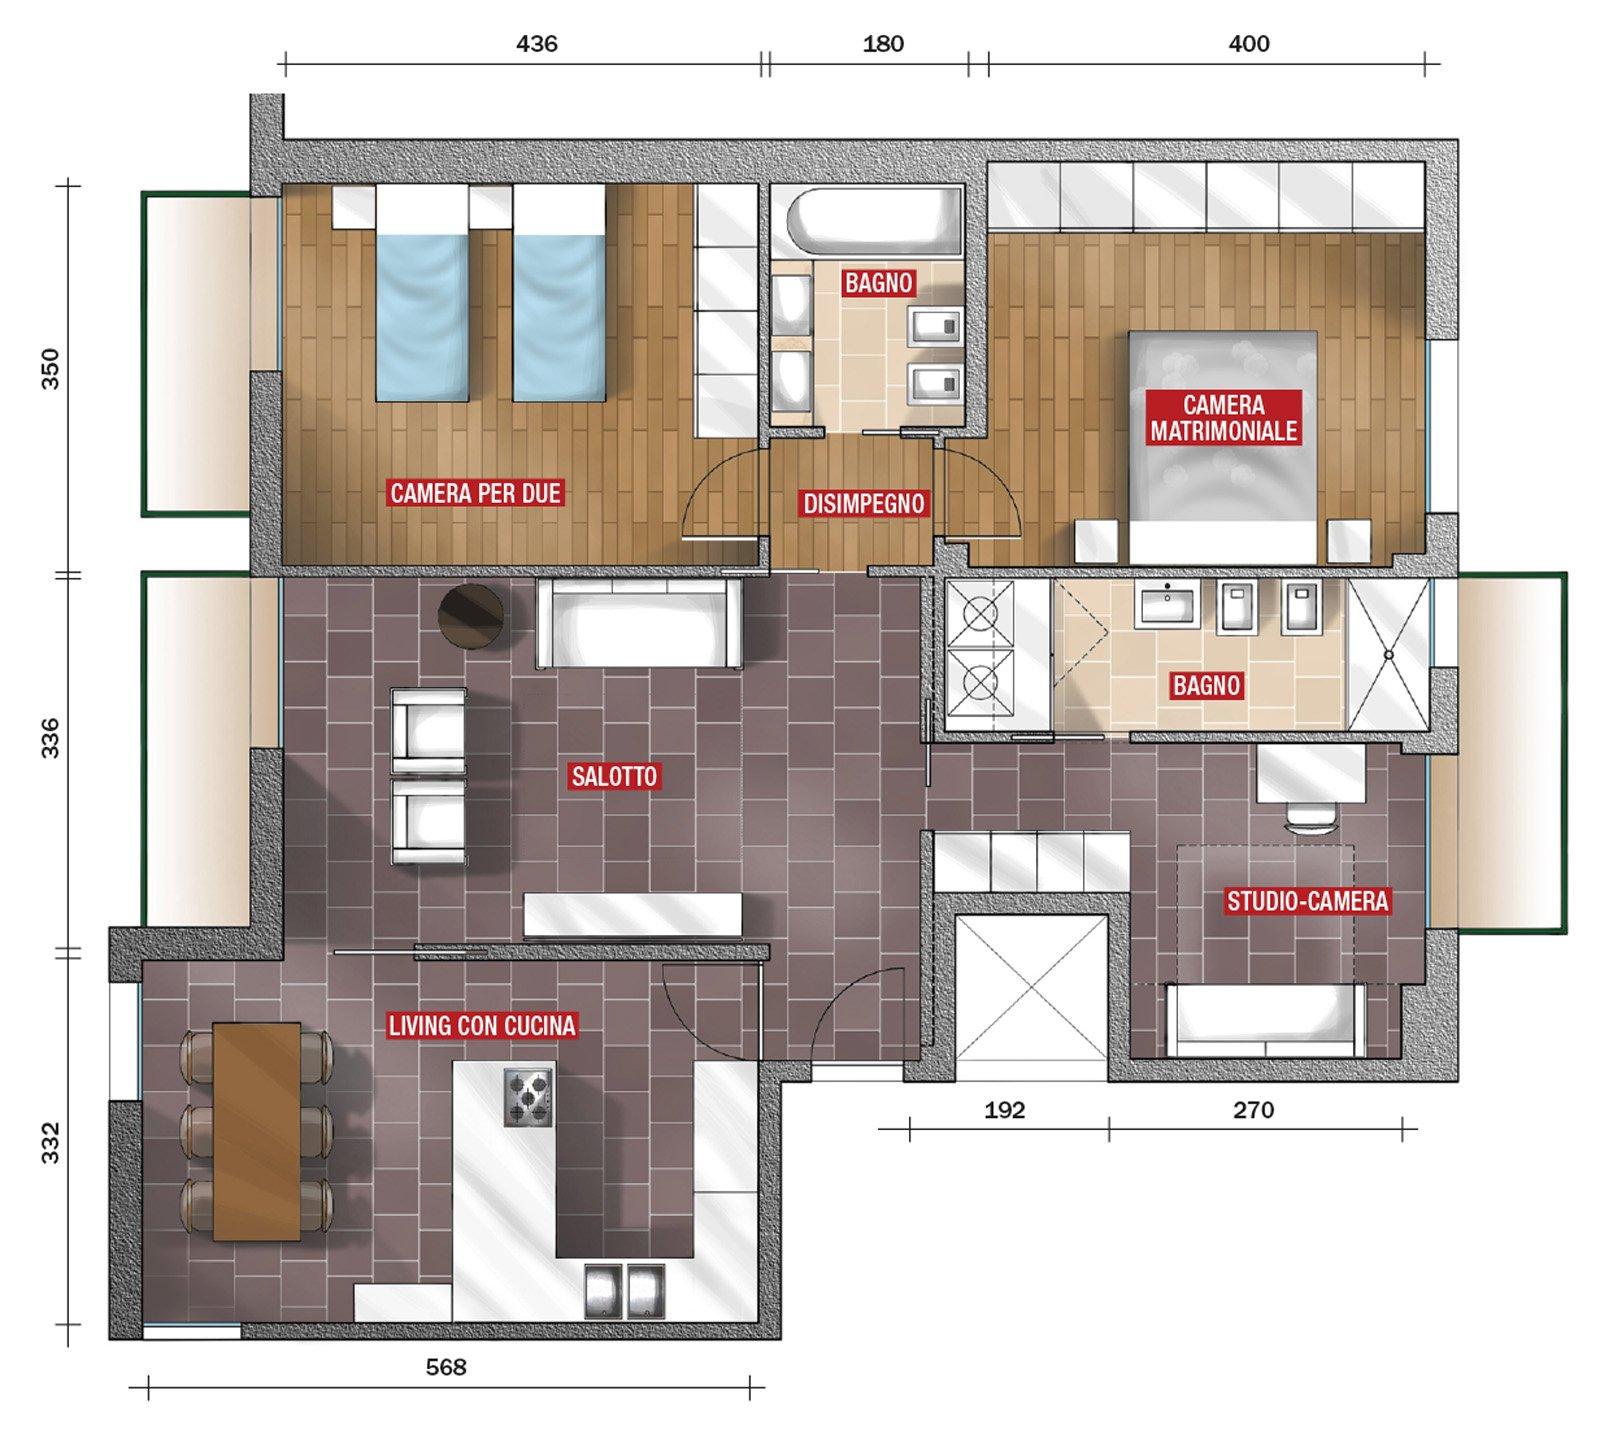 Soggiorno pi grande e un bagno in pi con il preventivo for Progettare gli interni di casa